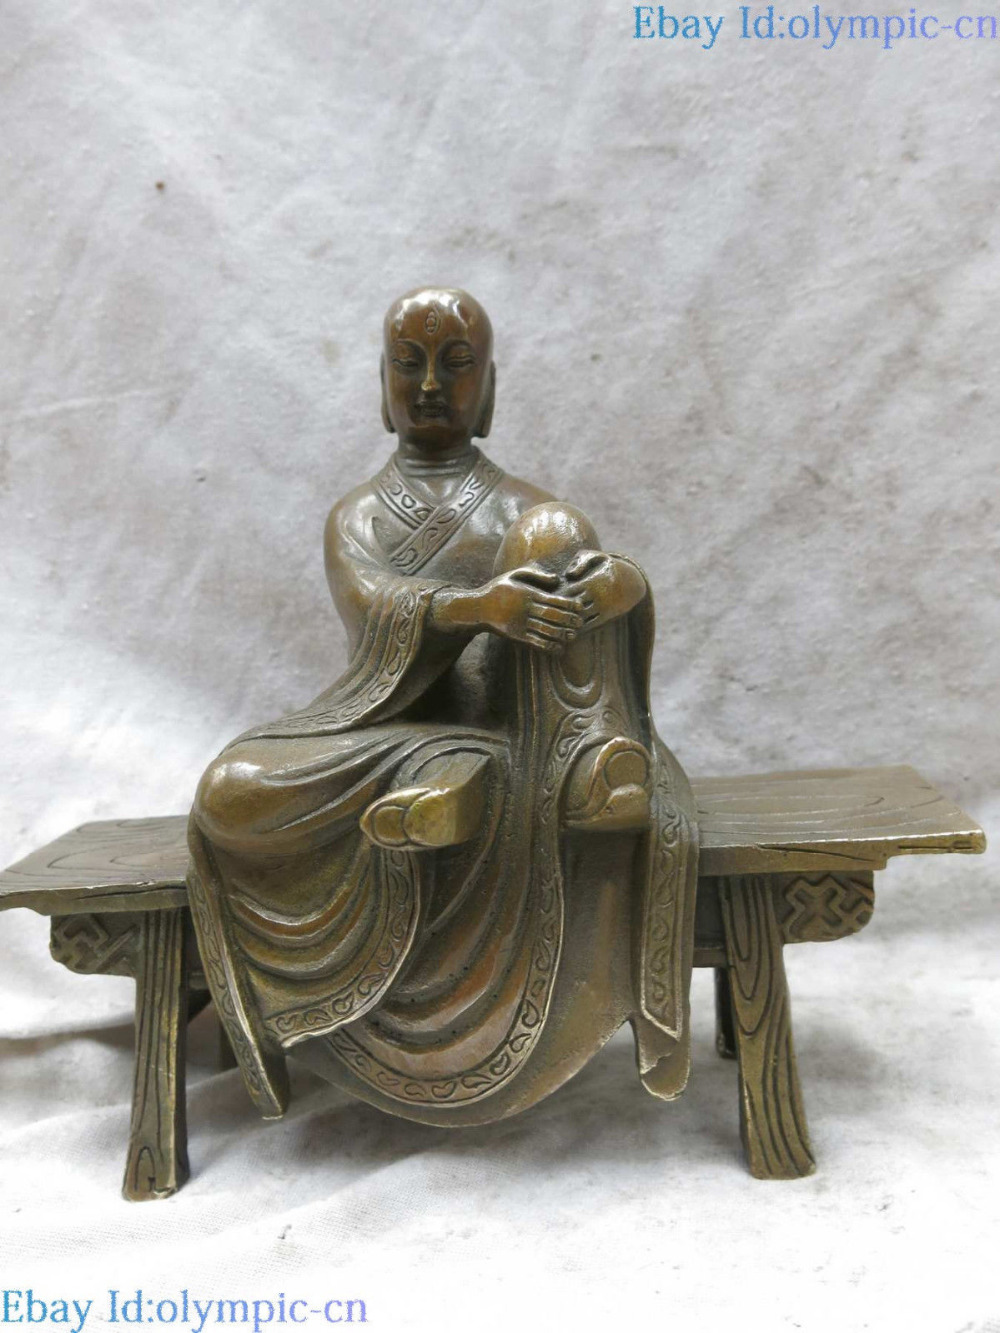 Латунь скульптура в Китае резные тонкой медной Буддизм Будда деревянная скамья статуя